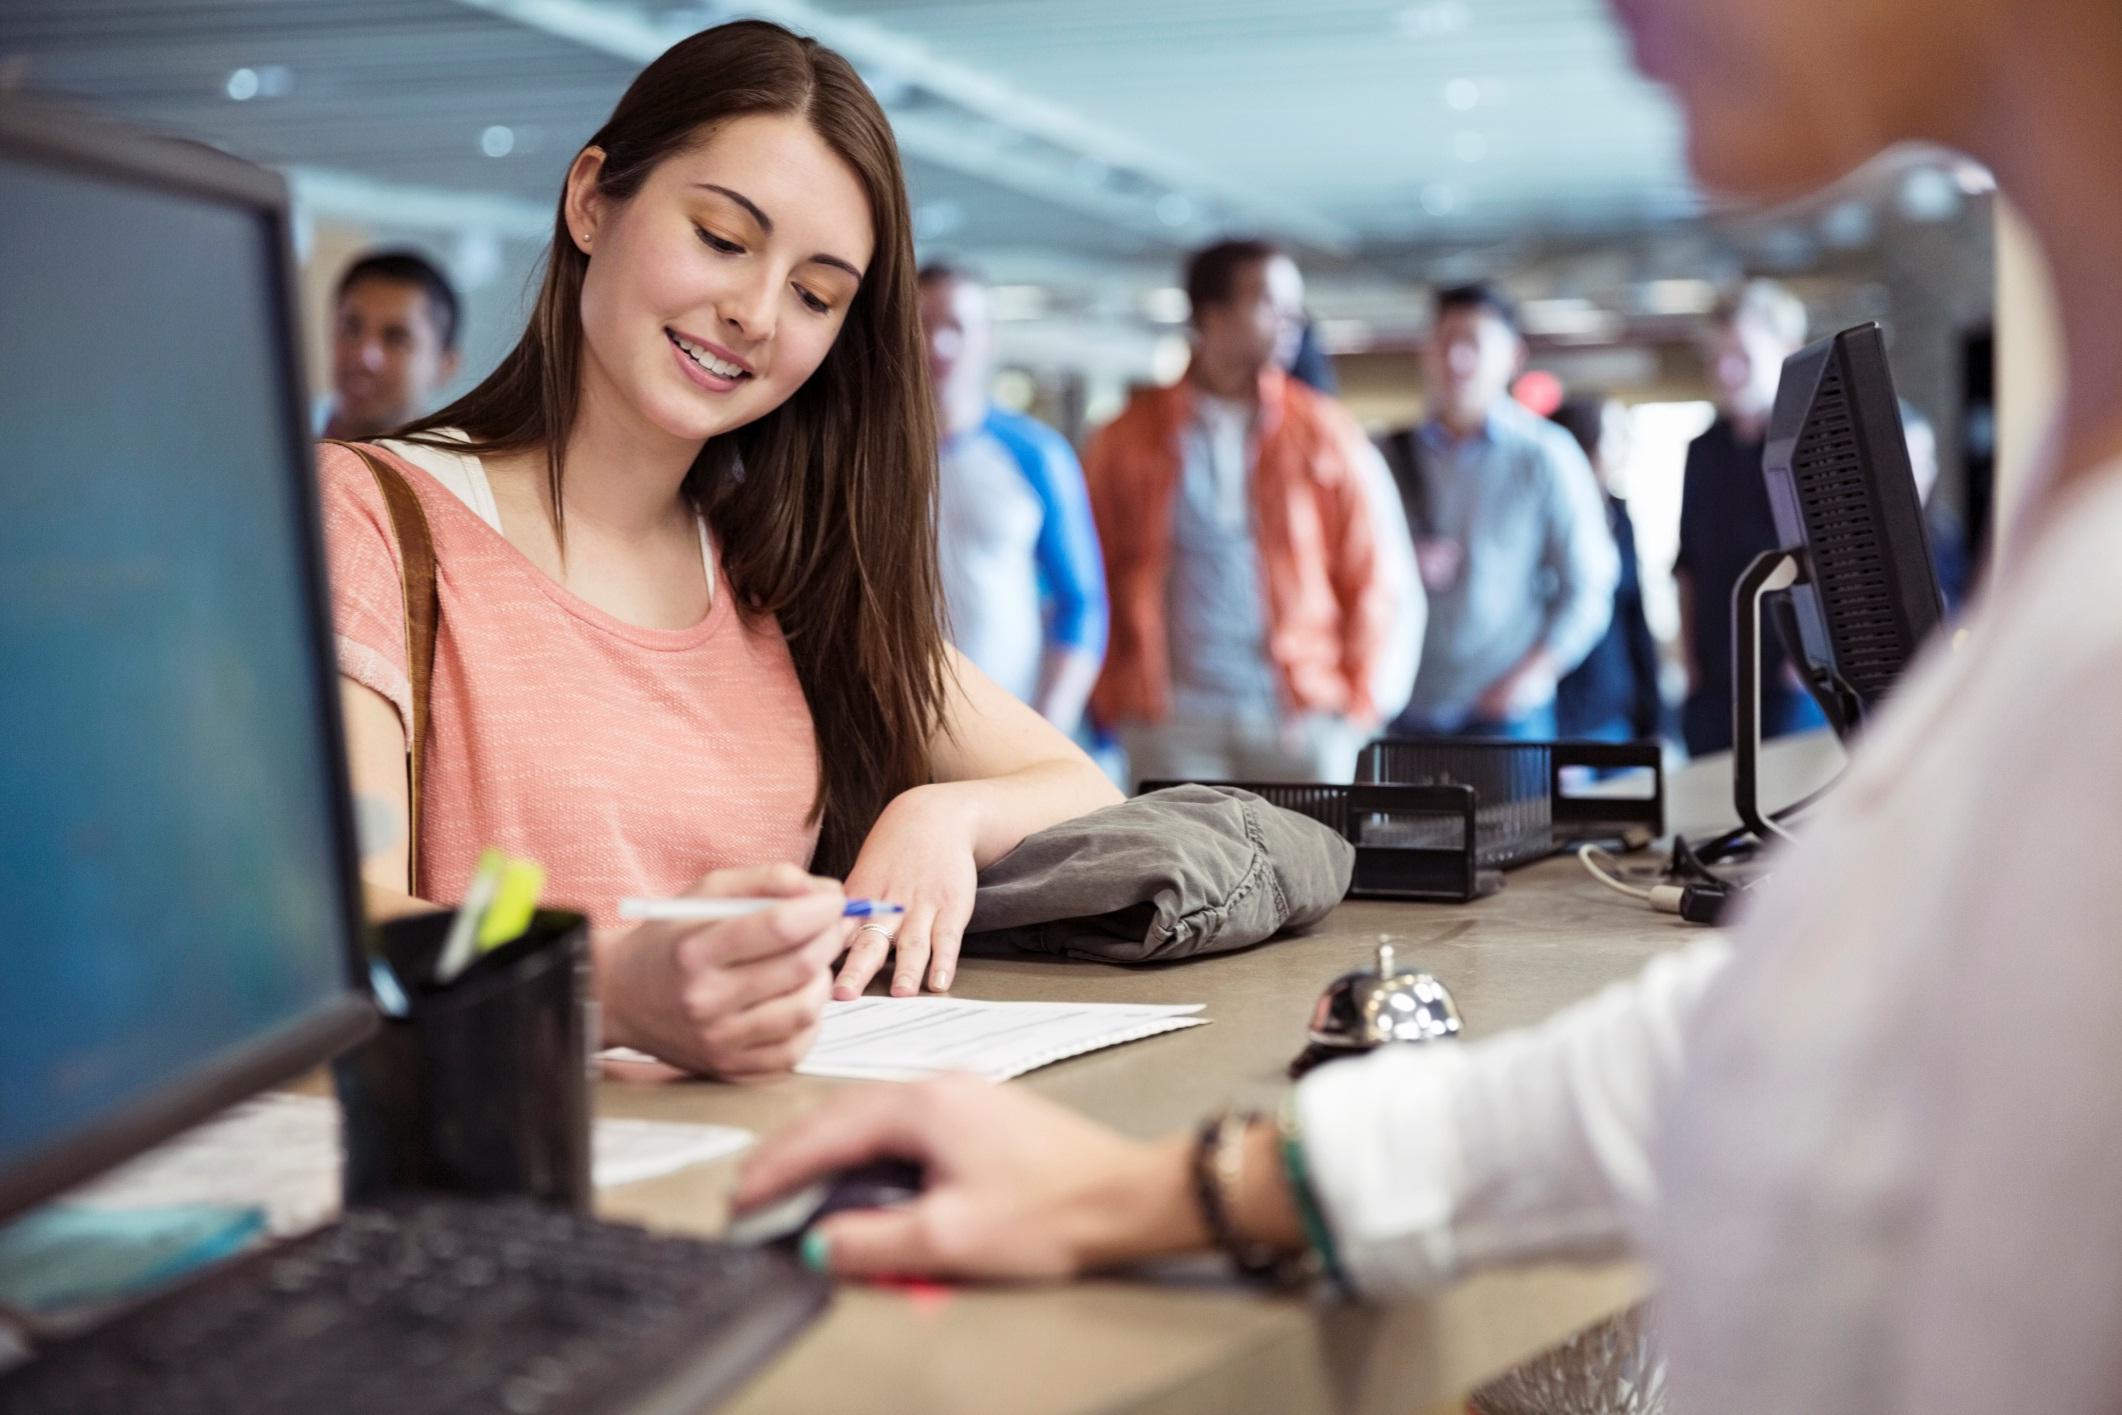 Điều gì xảy ra khi sinh viên coi việc làm thêm trở thành ưu tiên số 1? - Ảnh 2.